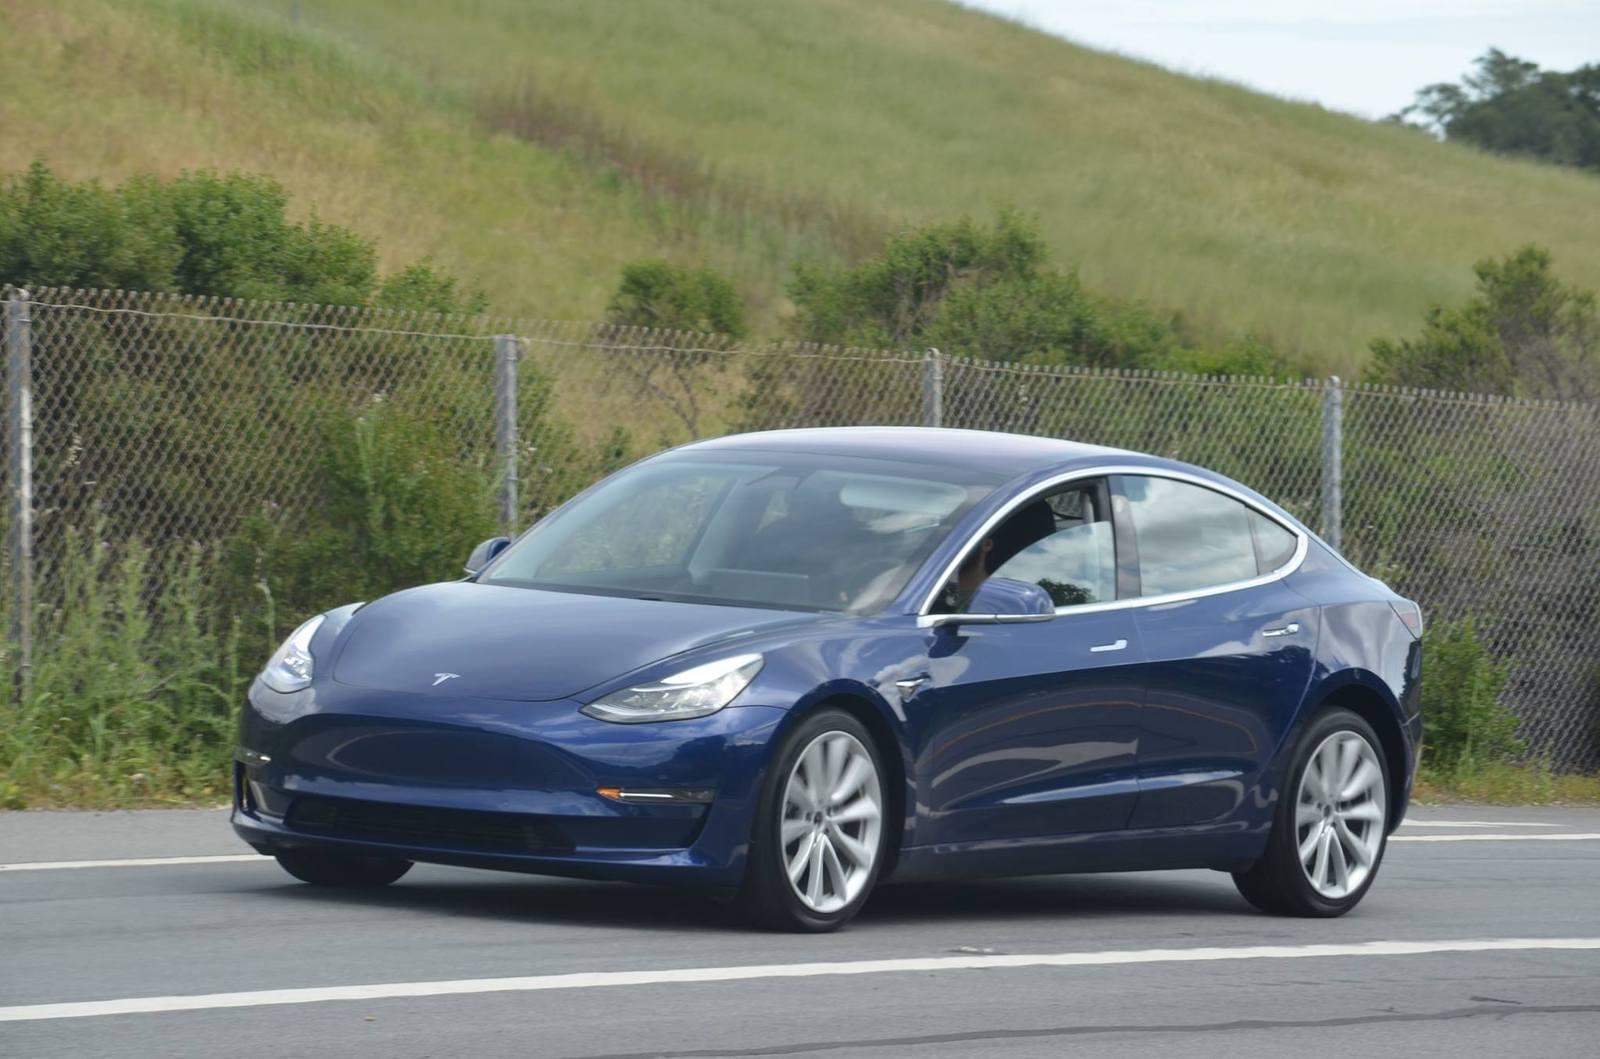 Аналитики уверены, что Tesla терпит убытки из-за Model 3